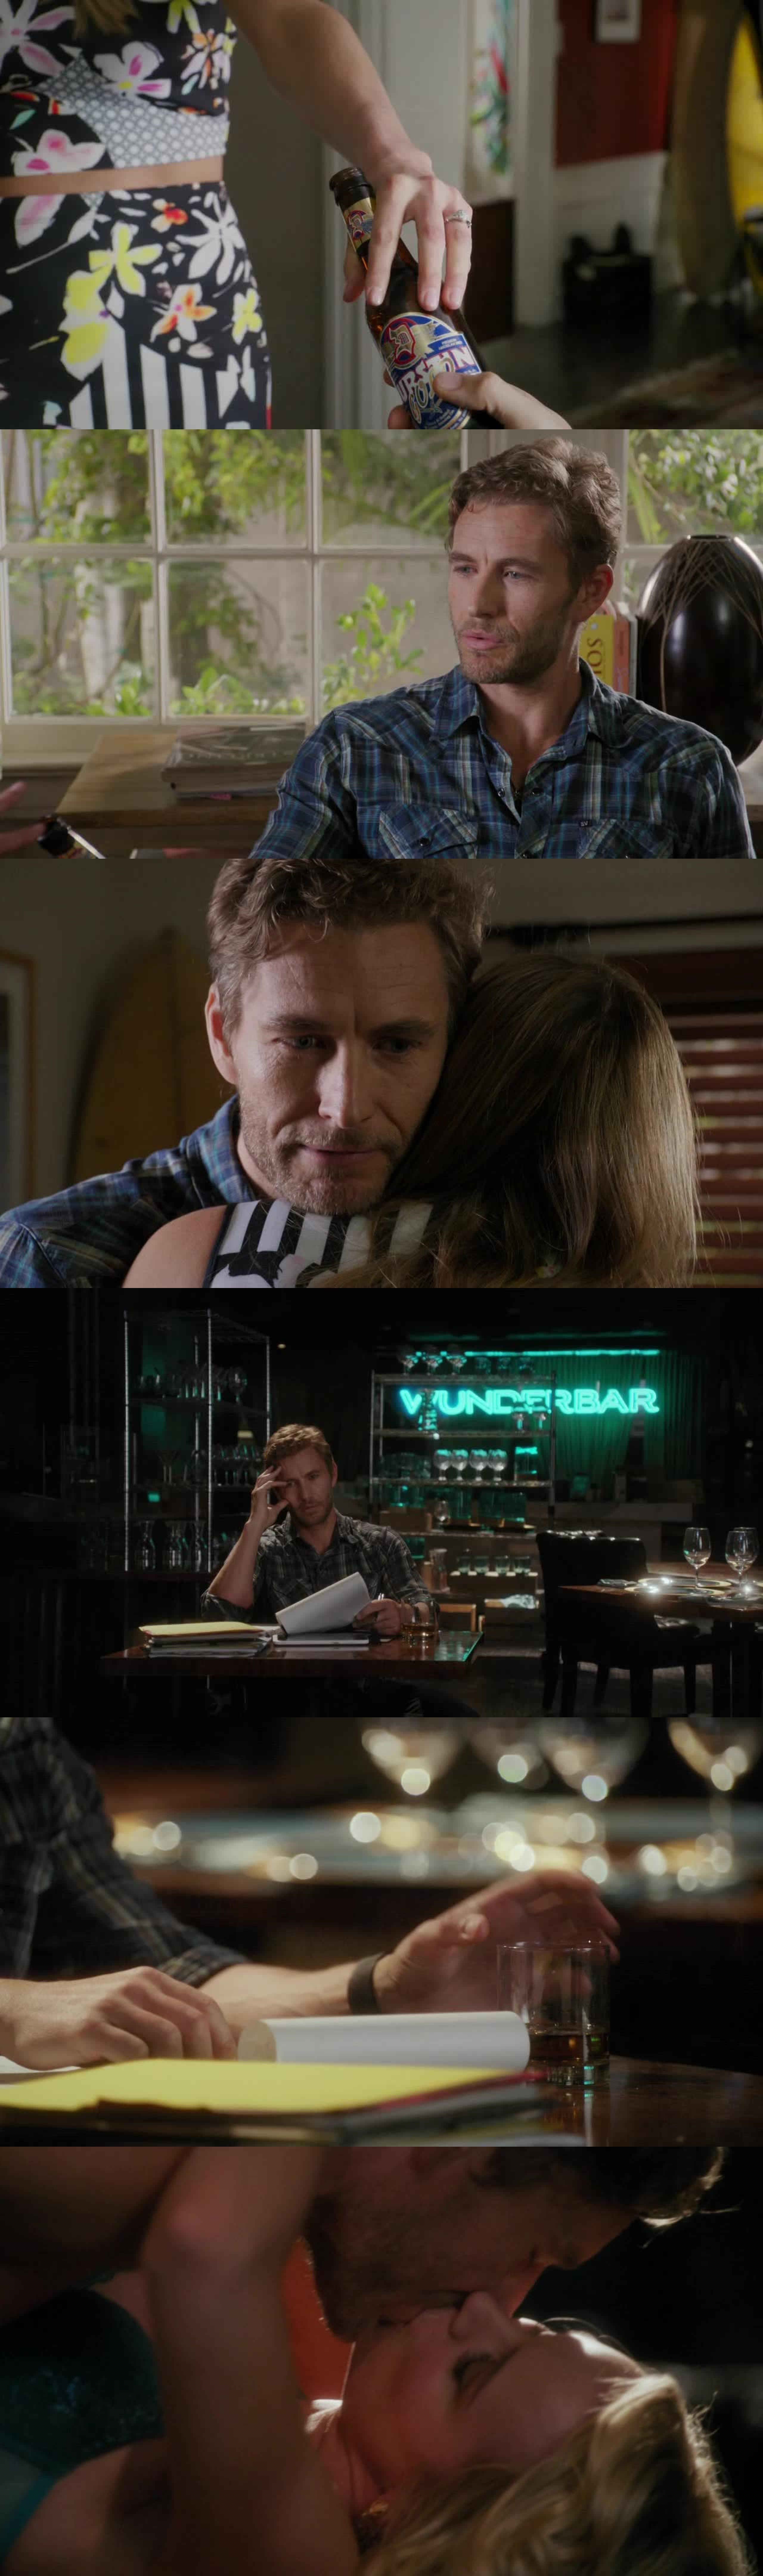 Harry a clairement des sentiments pour Joss et le pauvre ignore que c'est réciproque ! Joss ne se mariera jamais avec Scott...